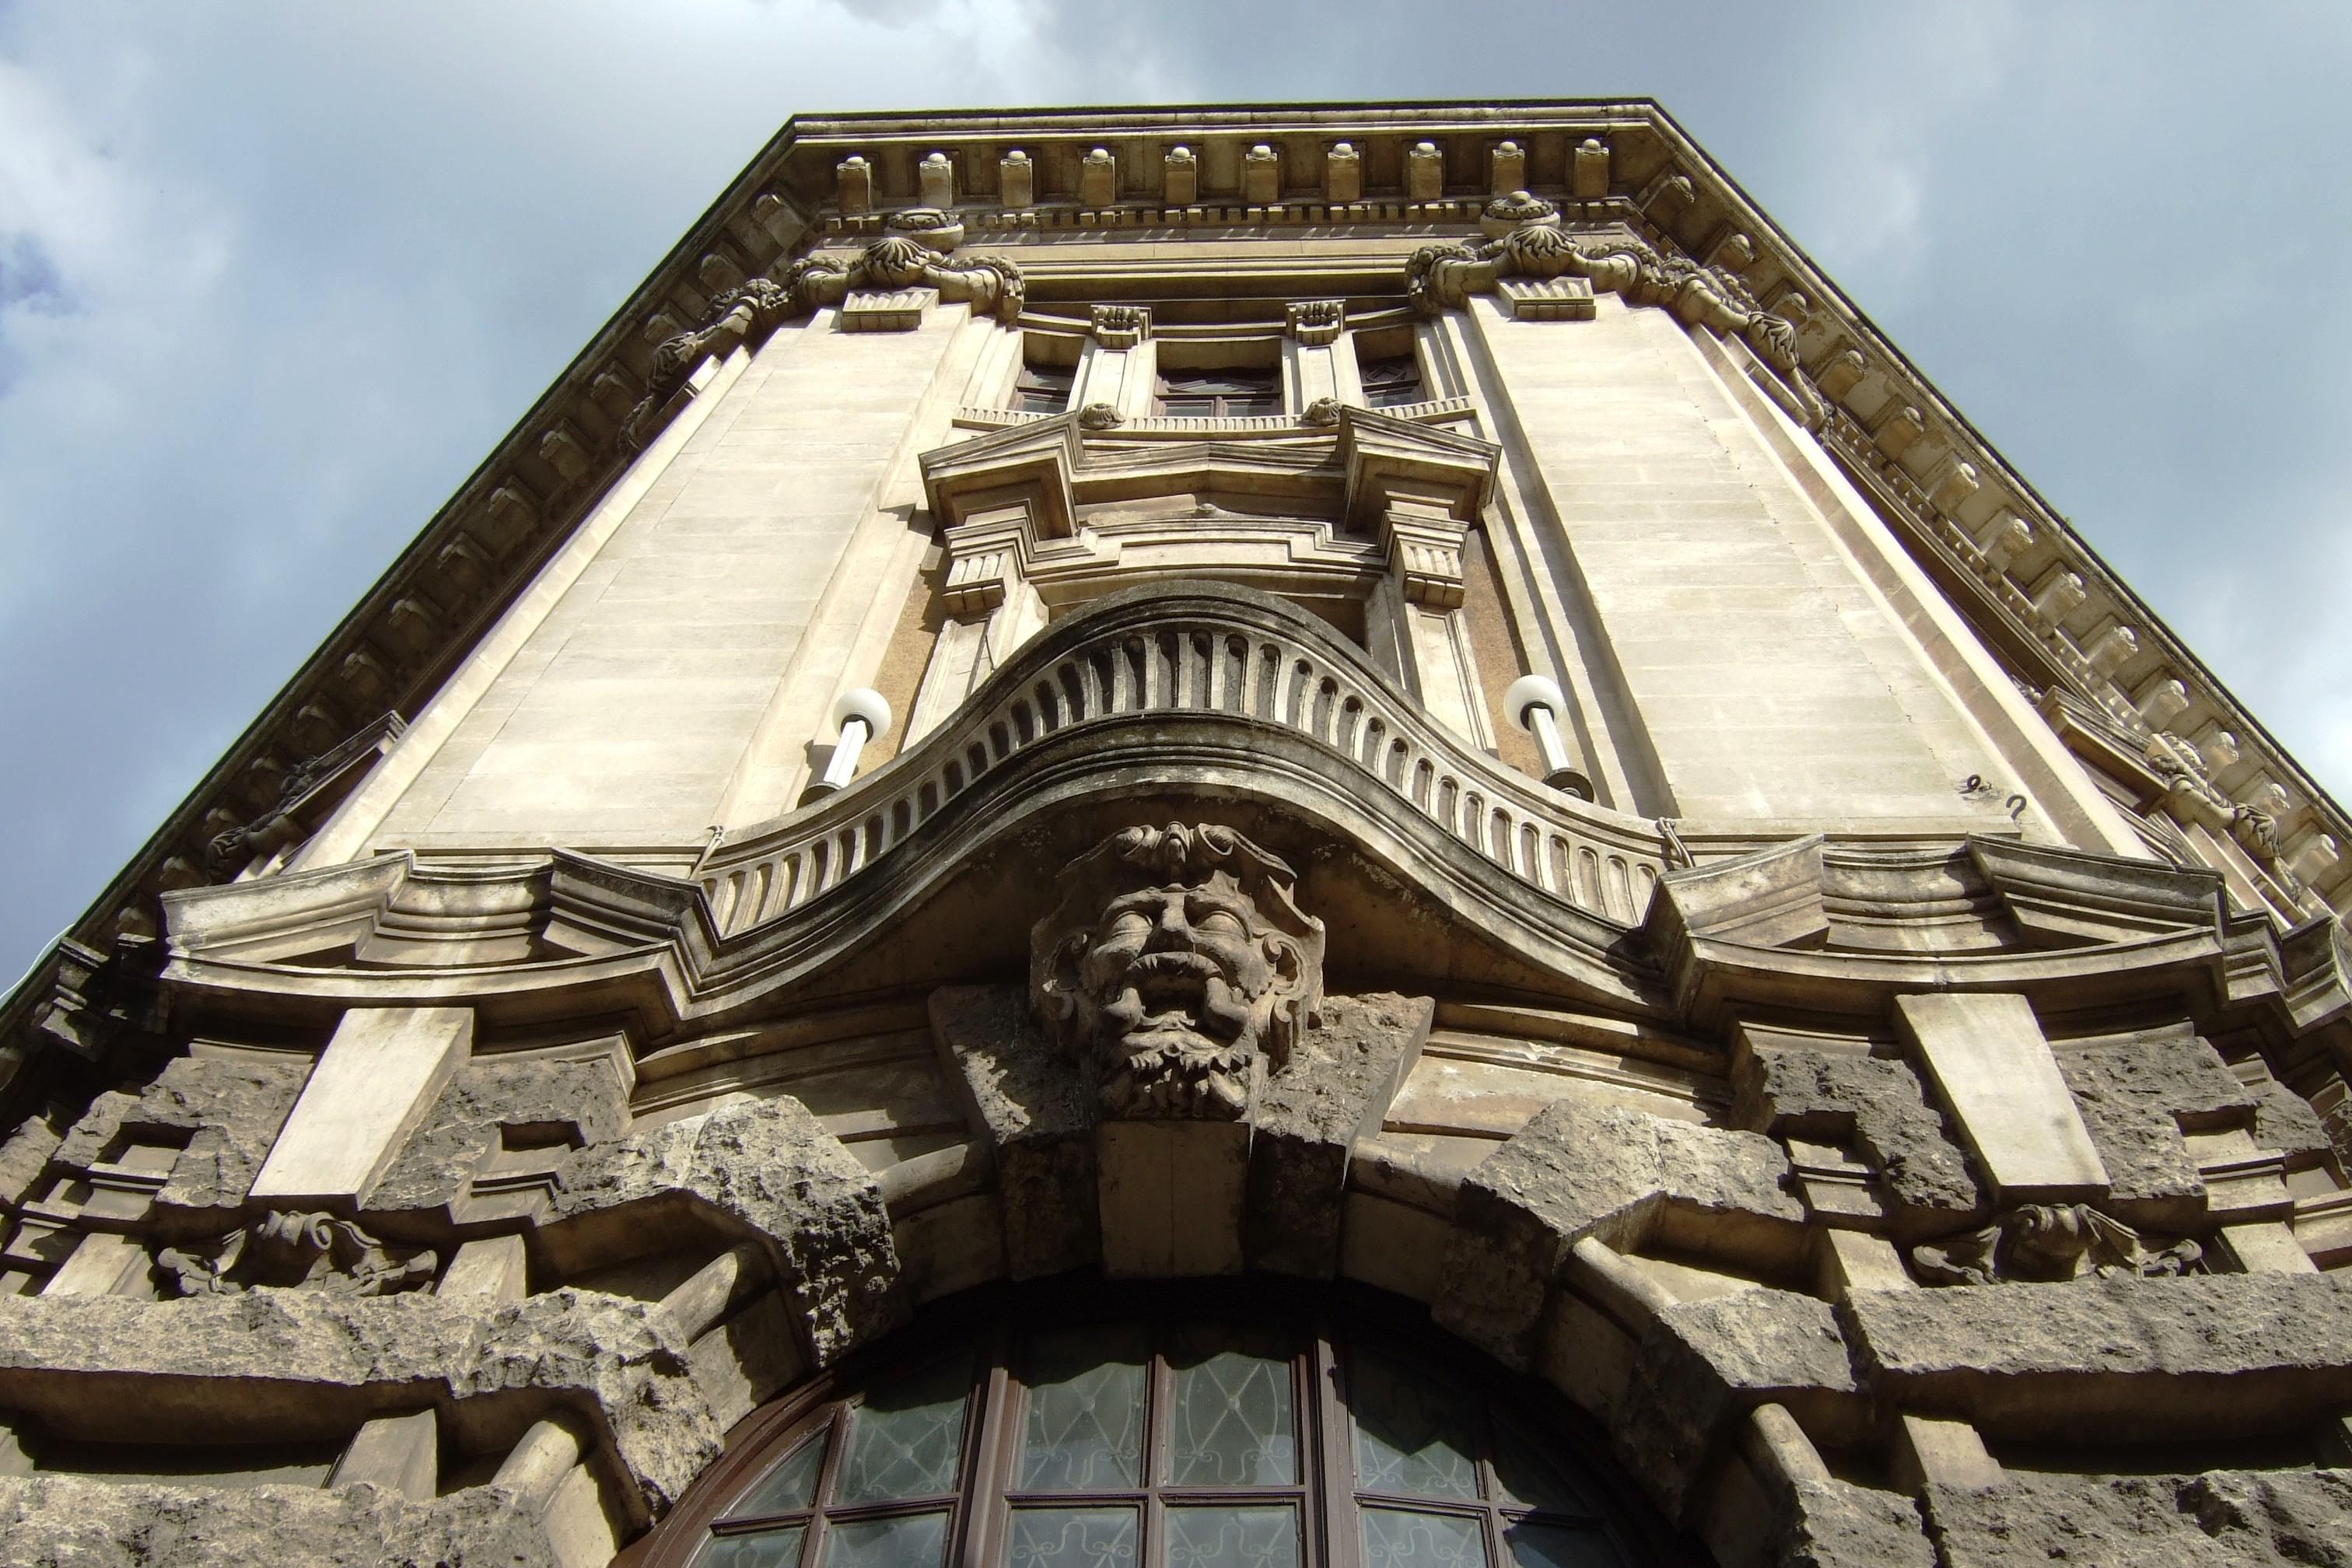 Raccolta Ferro Vecchio Catania catania - wikipedia